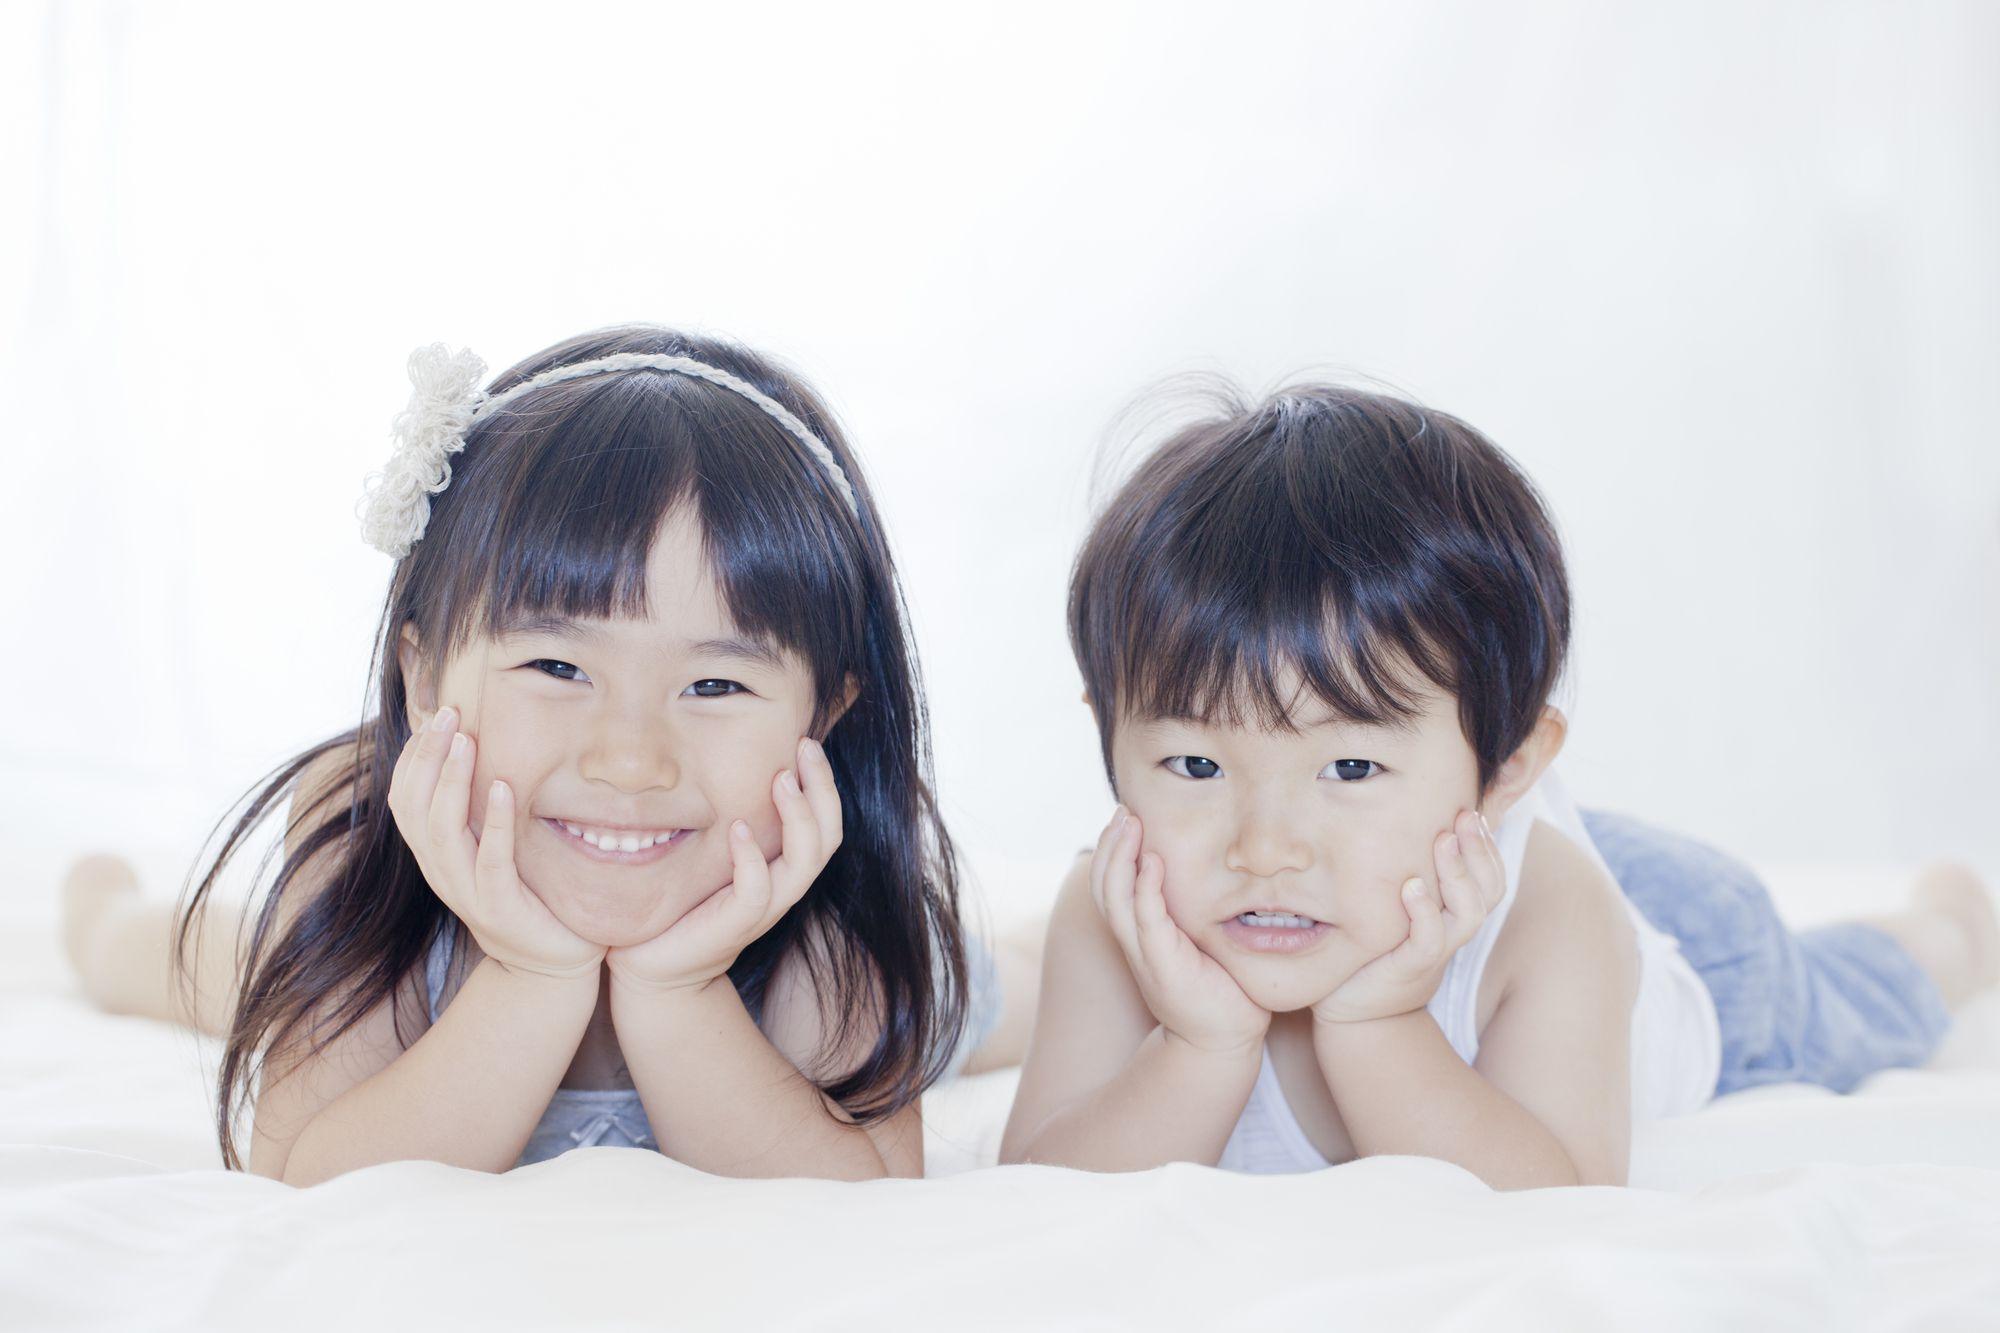 子供が無料体験できる写真スタジオは福岡にある?